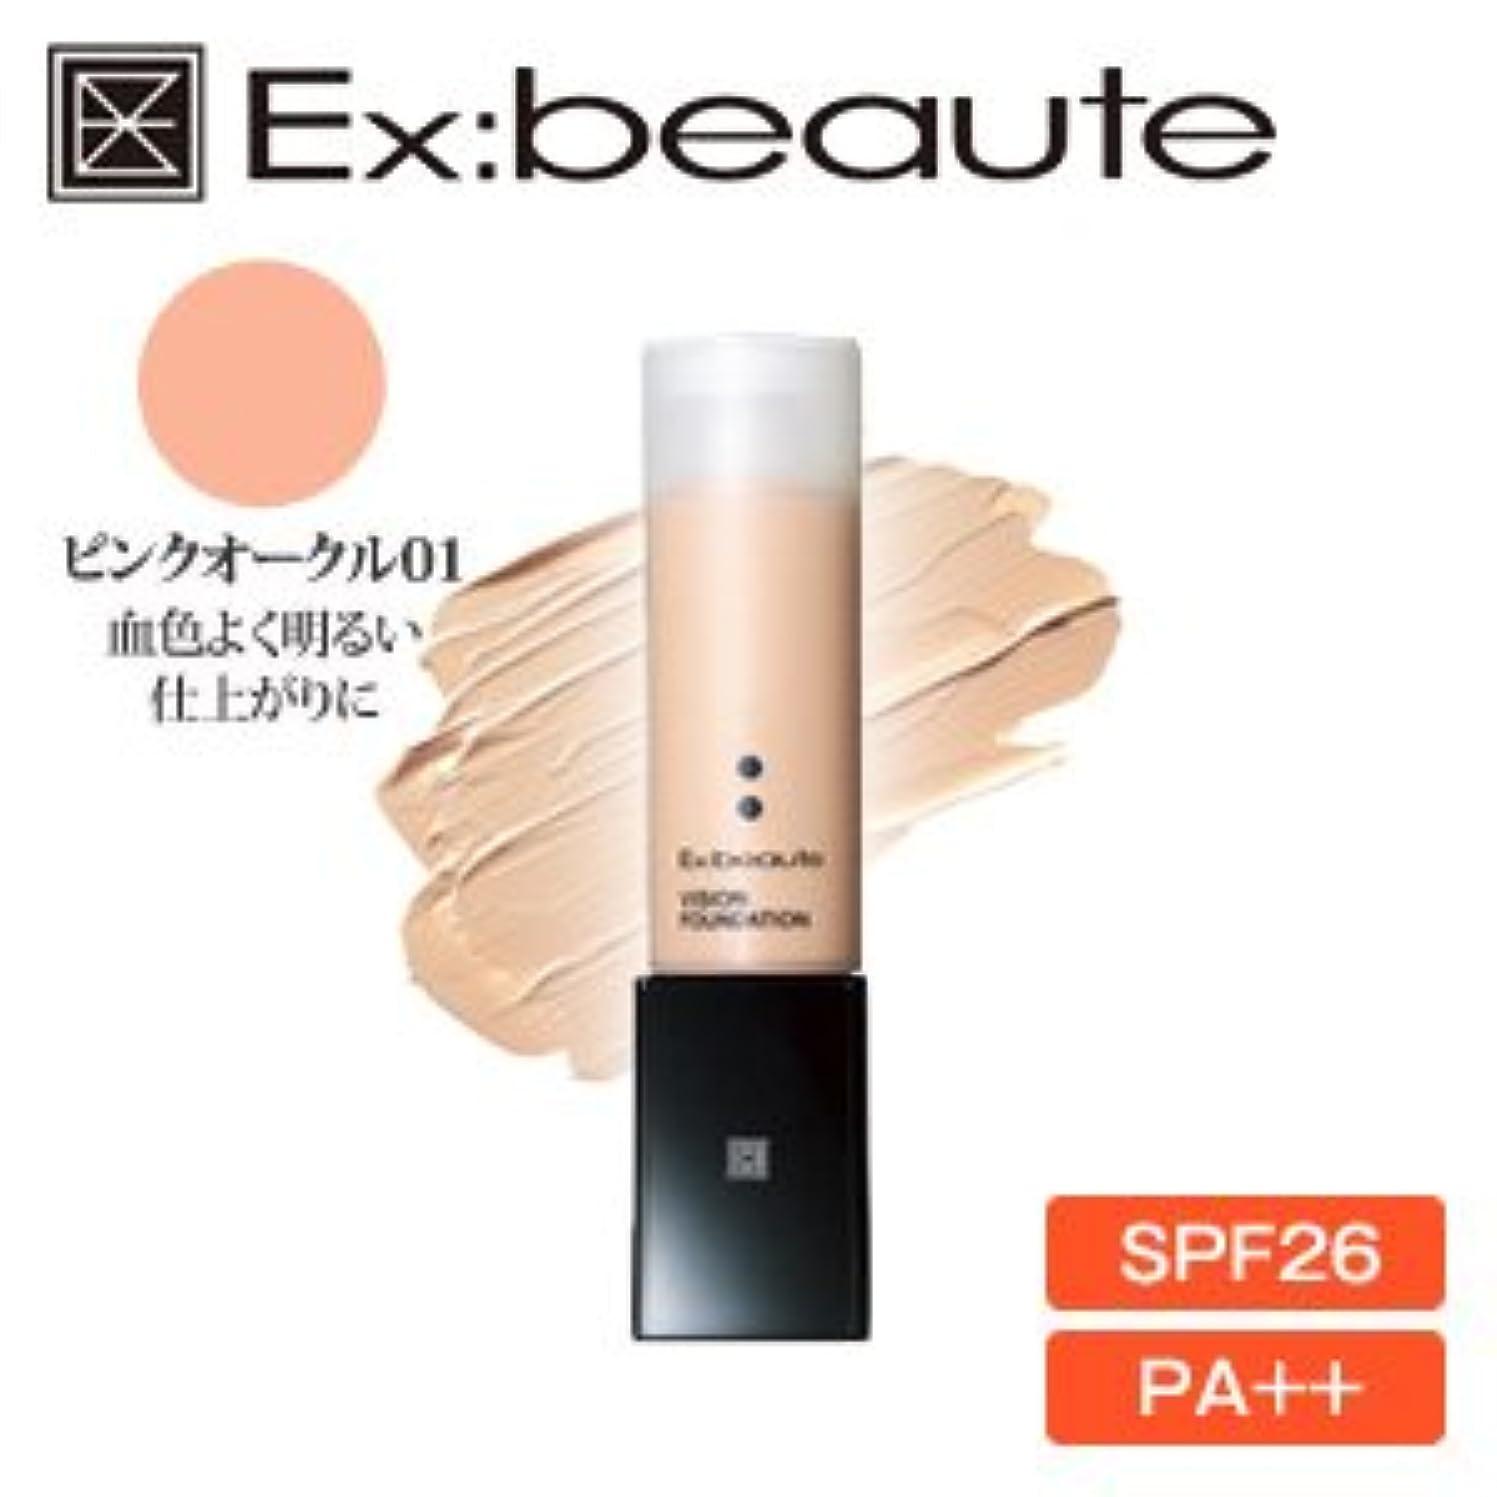 ネブアルプス偽善者Ex:beaute (エクスボーテ) ビジョンファンデーション リキッドマットタイプ ピンクオークル01